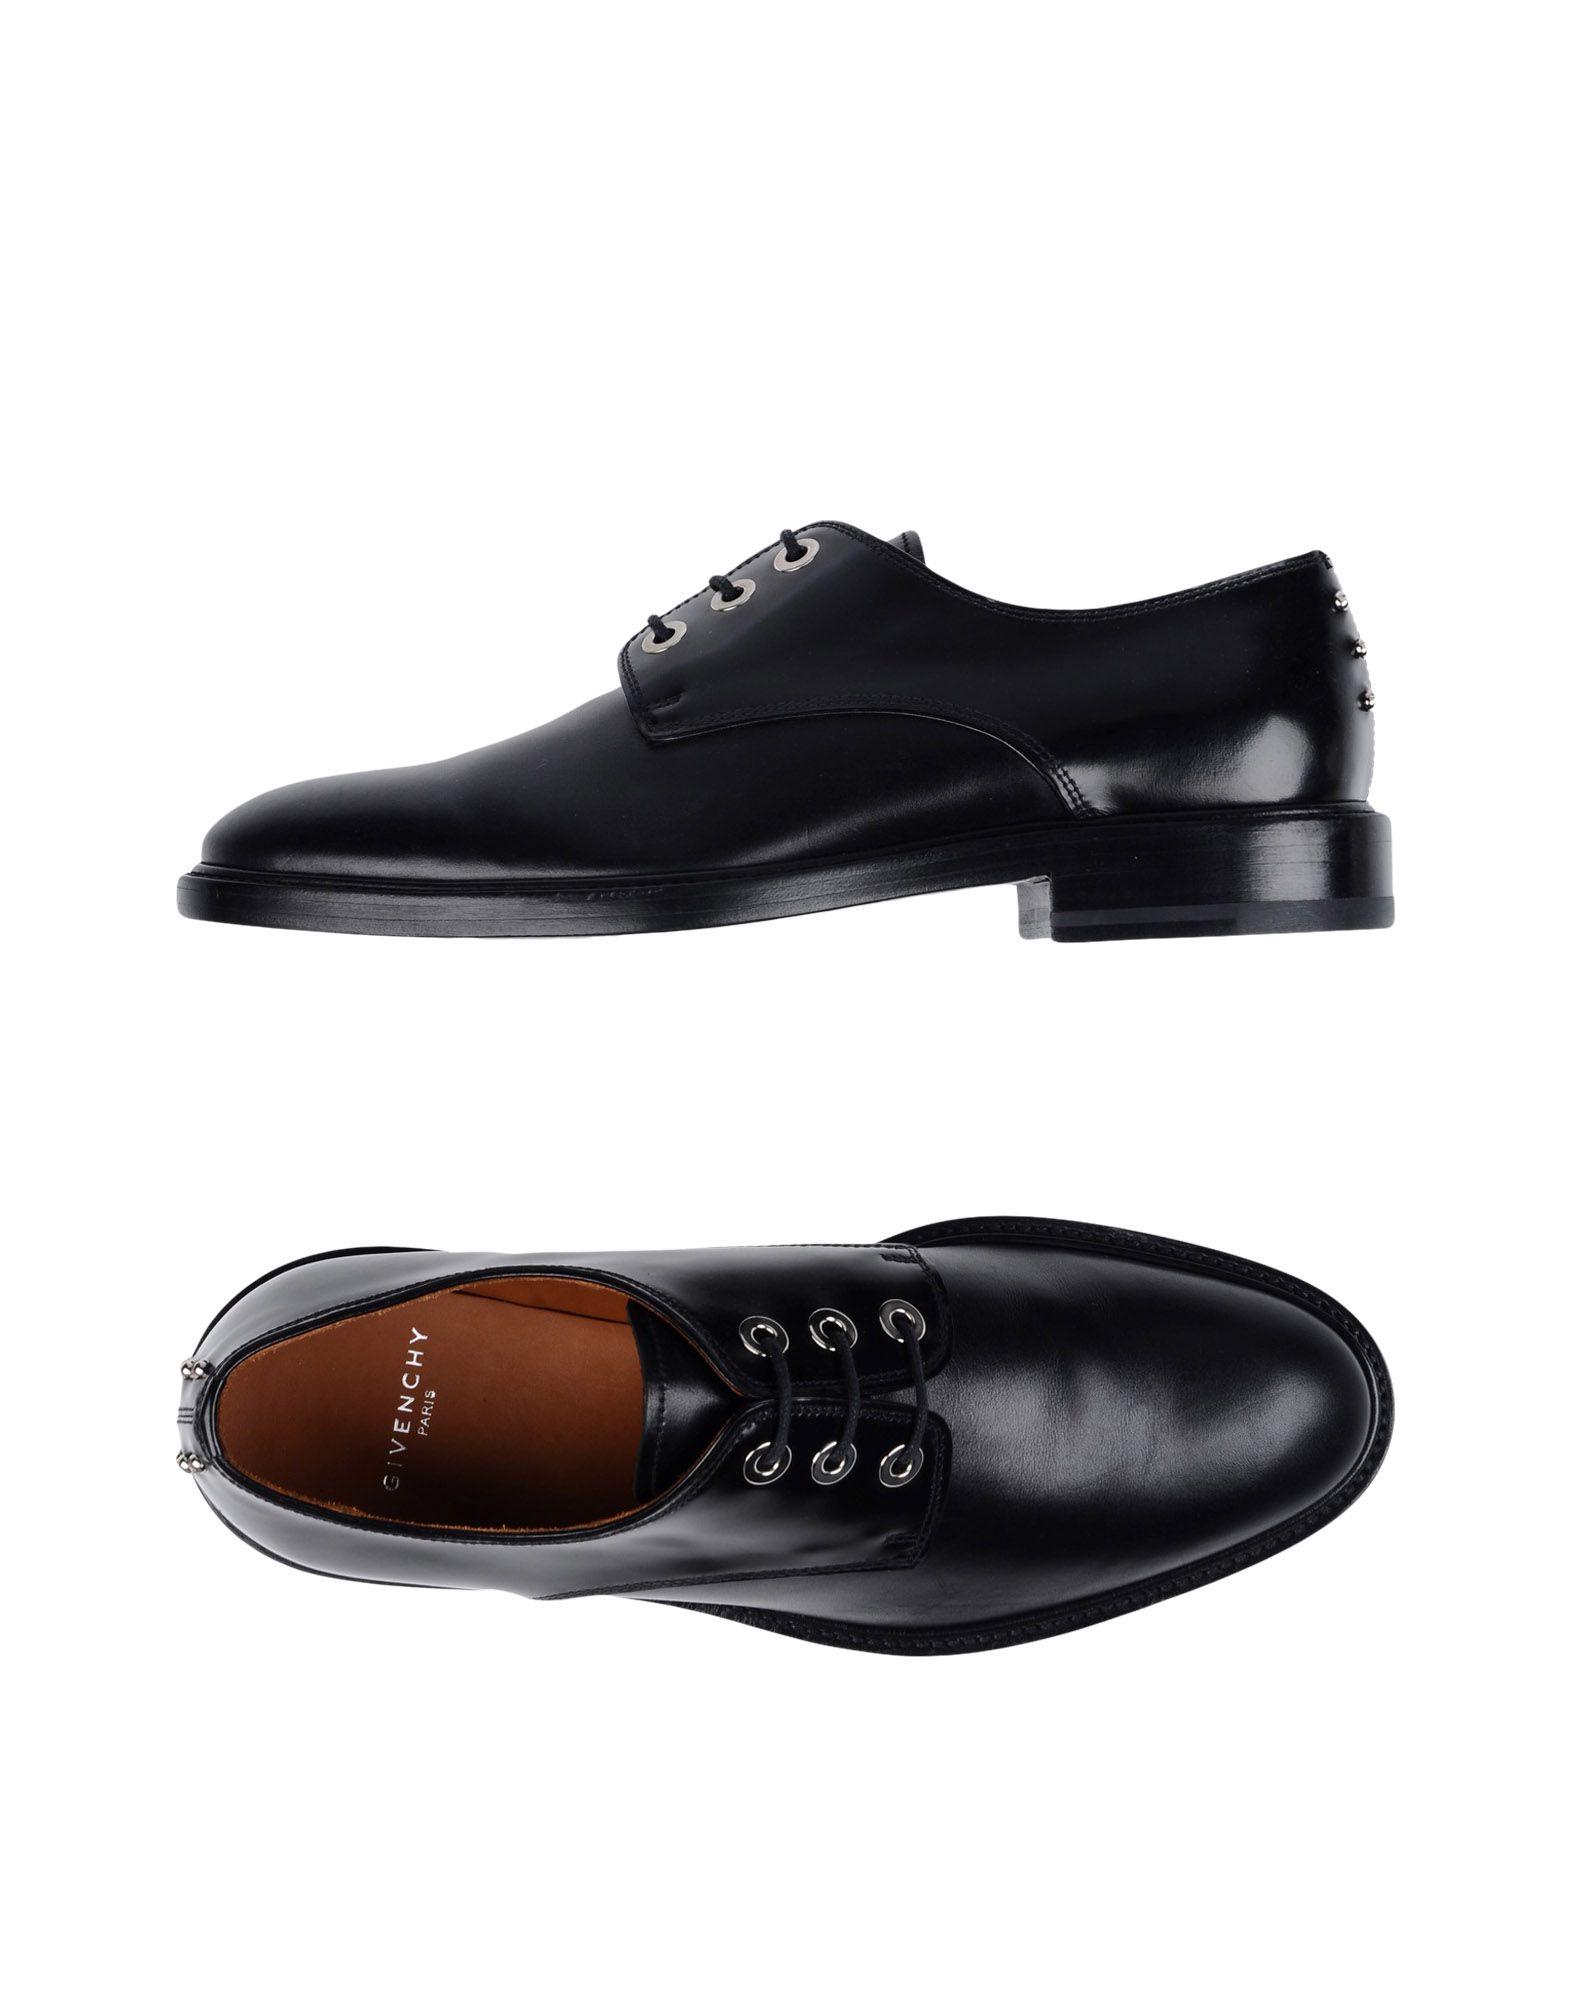 Givenchy Schnürschuhe Herren  11306177HD Gute Qualität beliebte Schuhe